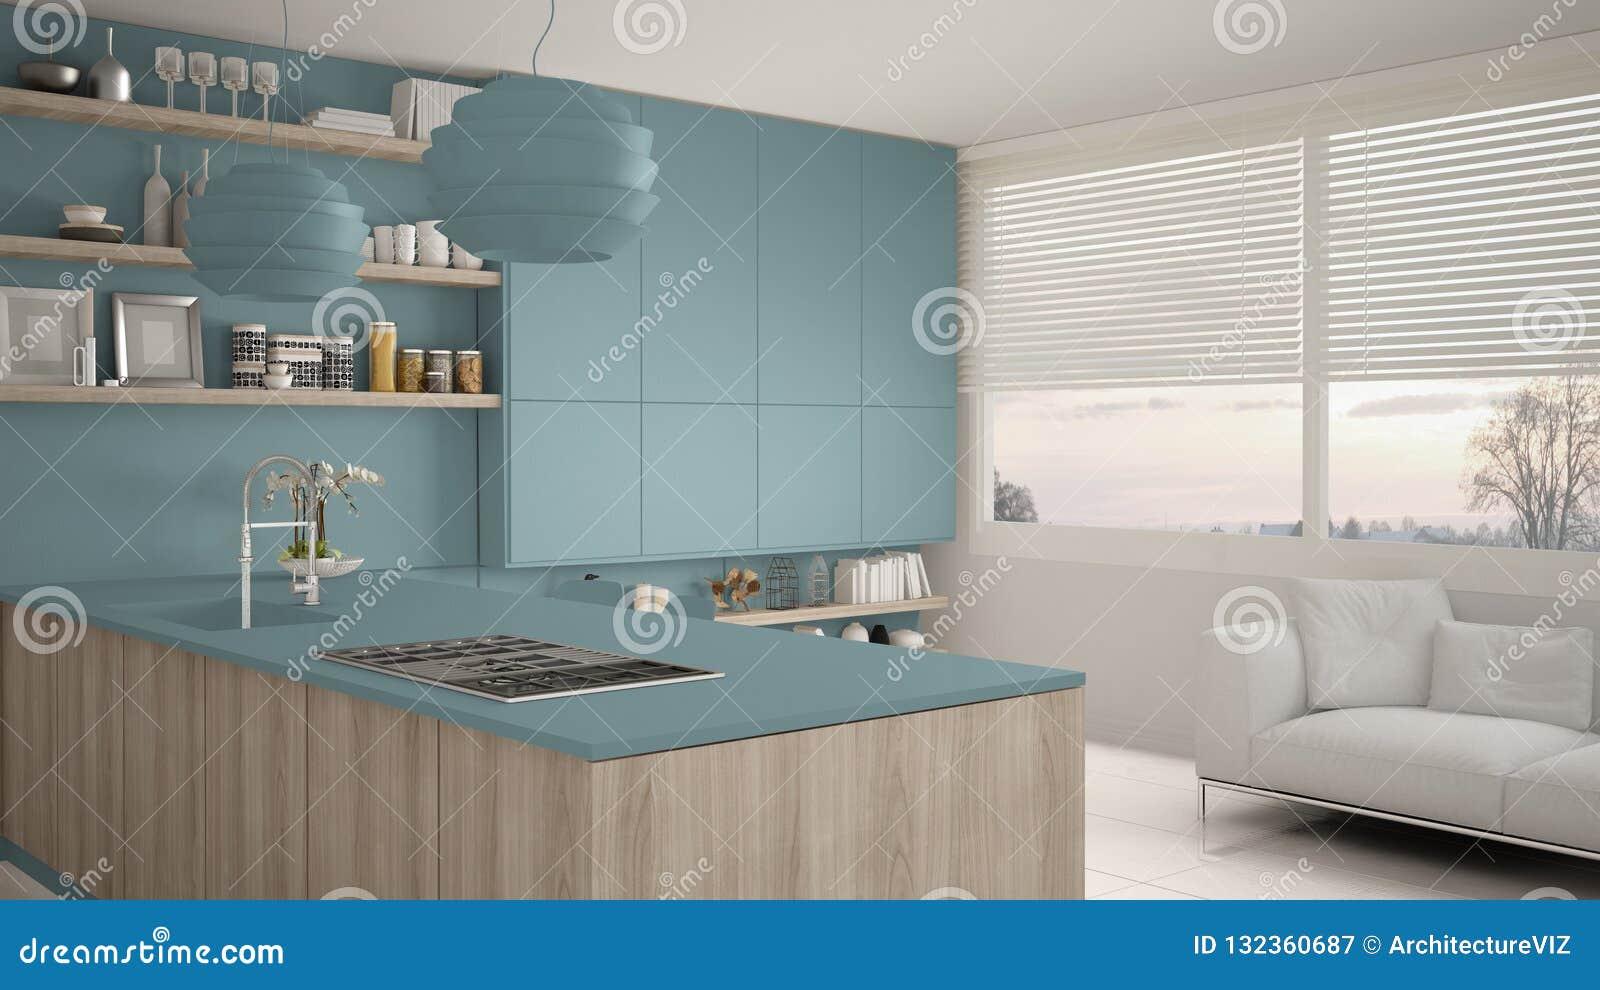 Cozinha Azul E De Madeira Moderna Com Prateleiras E Armarios Sofa E Janela Panoramico Ilustracao Stock Ilustracao De Quarto Interior 132360687